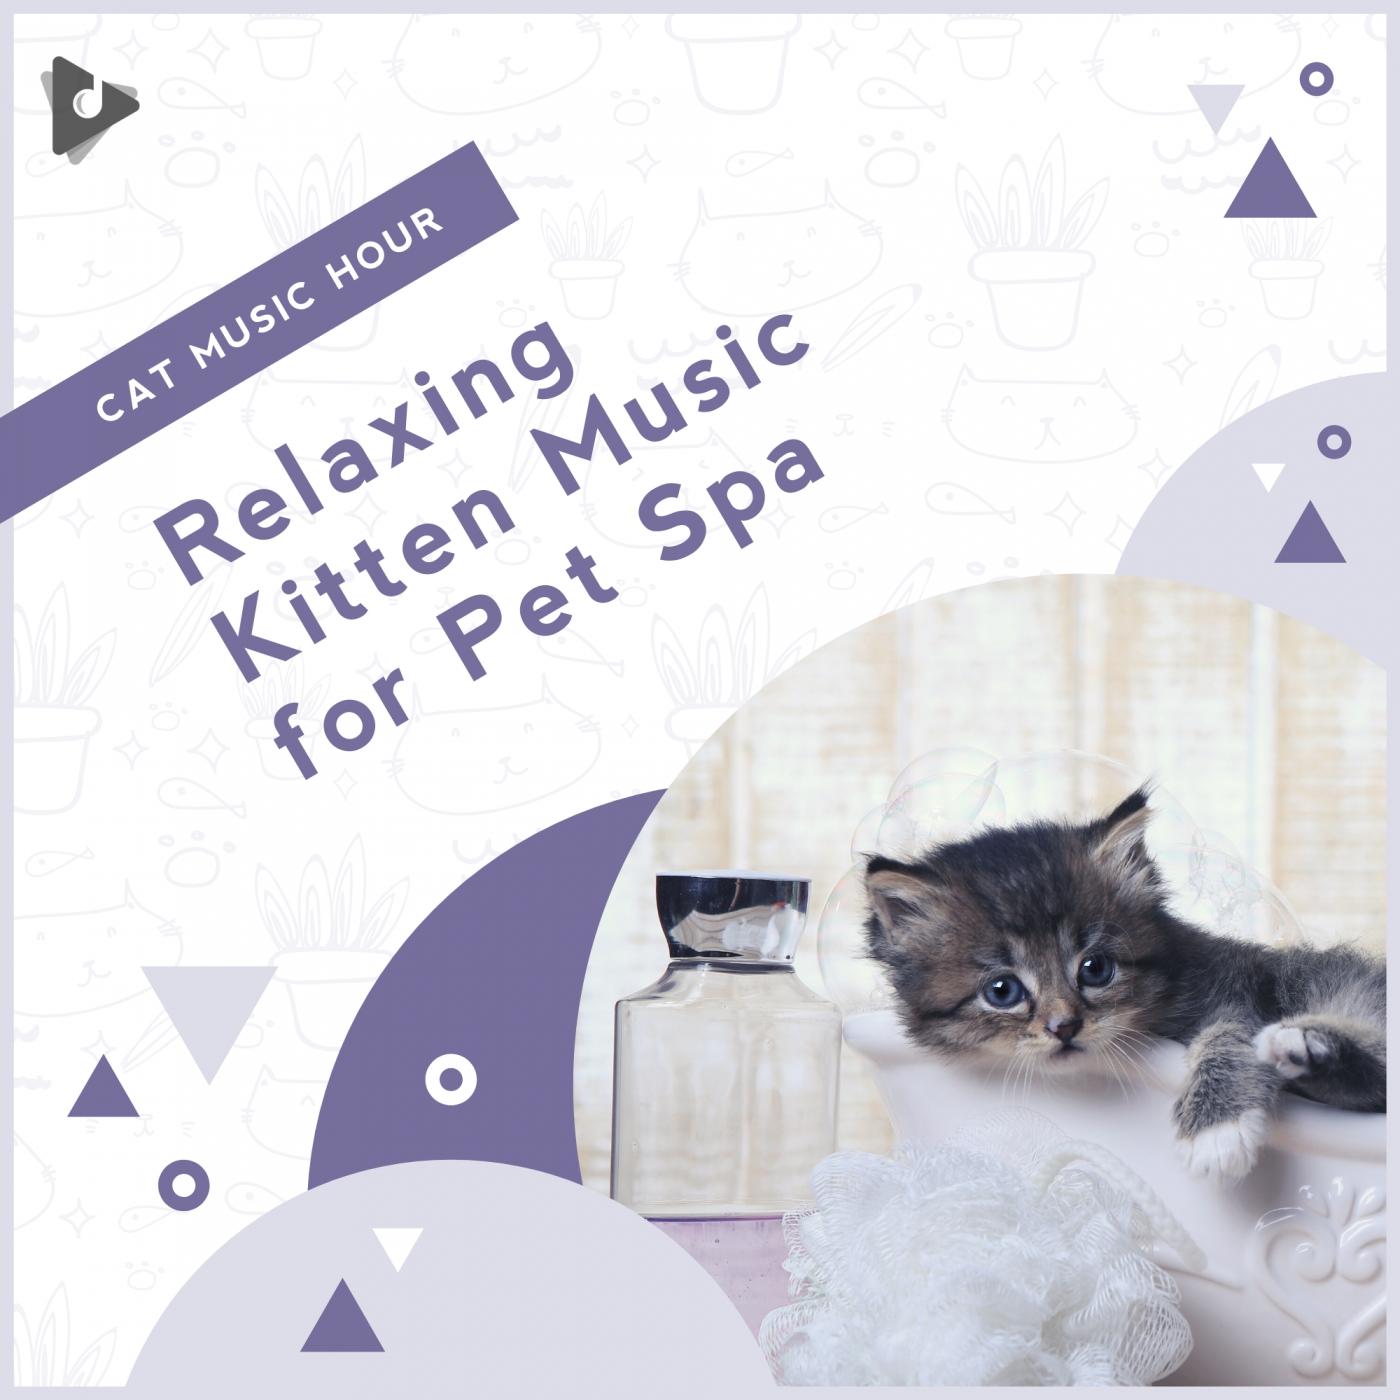 Relaxing Kitten Music for Pet Spa